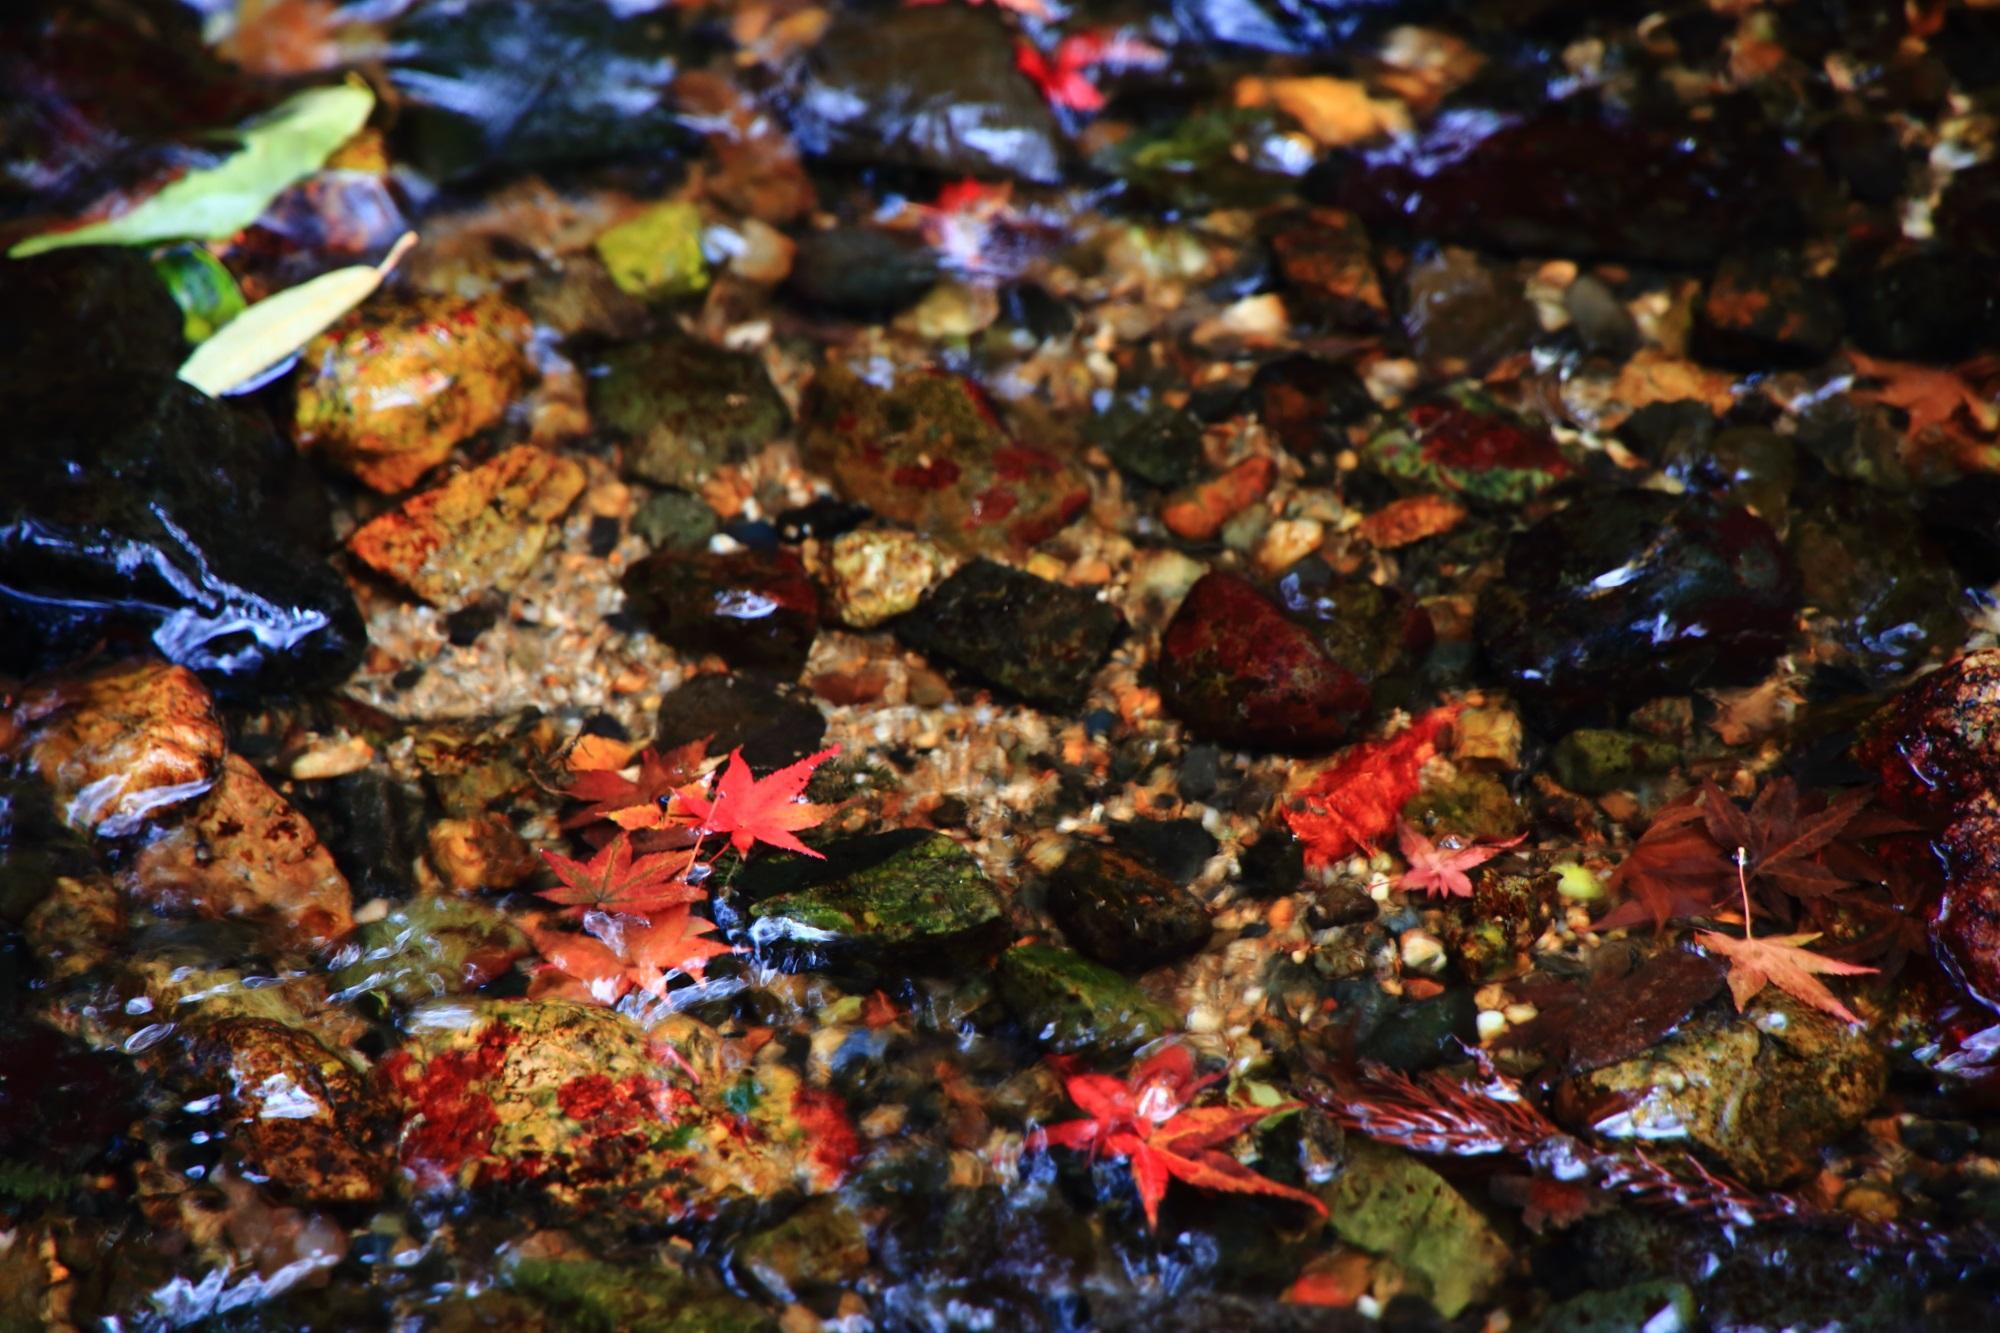 無鄰菴の美しい水を上品に彩る赤い散りもみじ